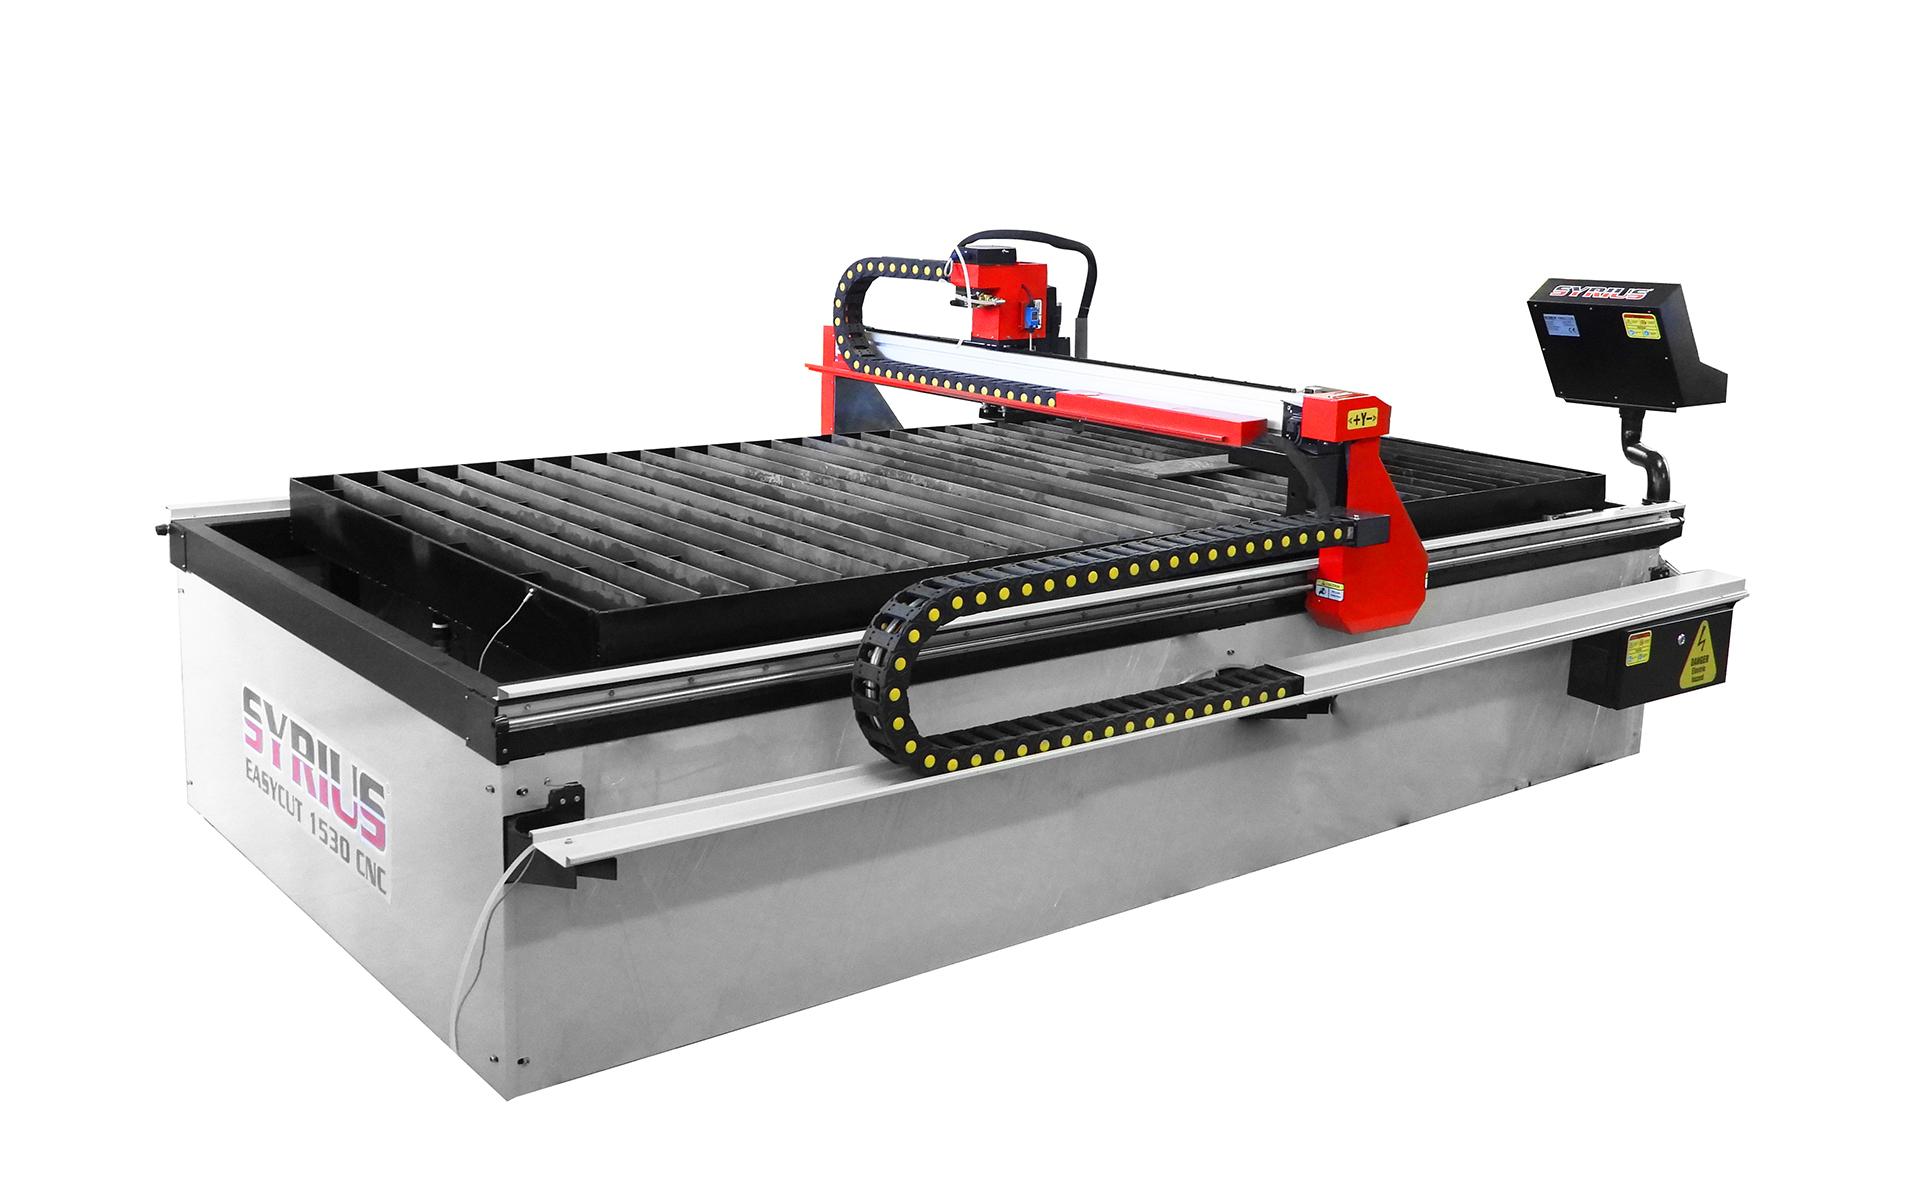 cnc plazmavágó gép easycut 1530